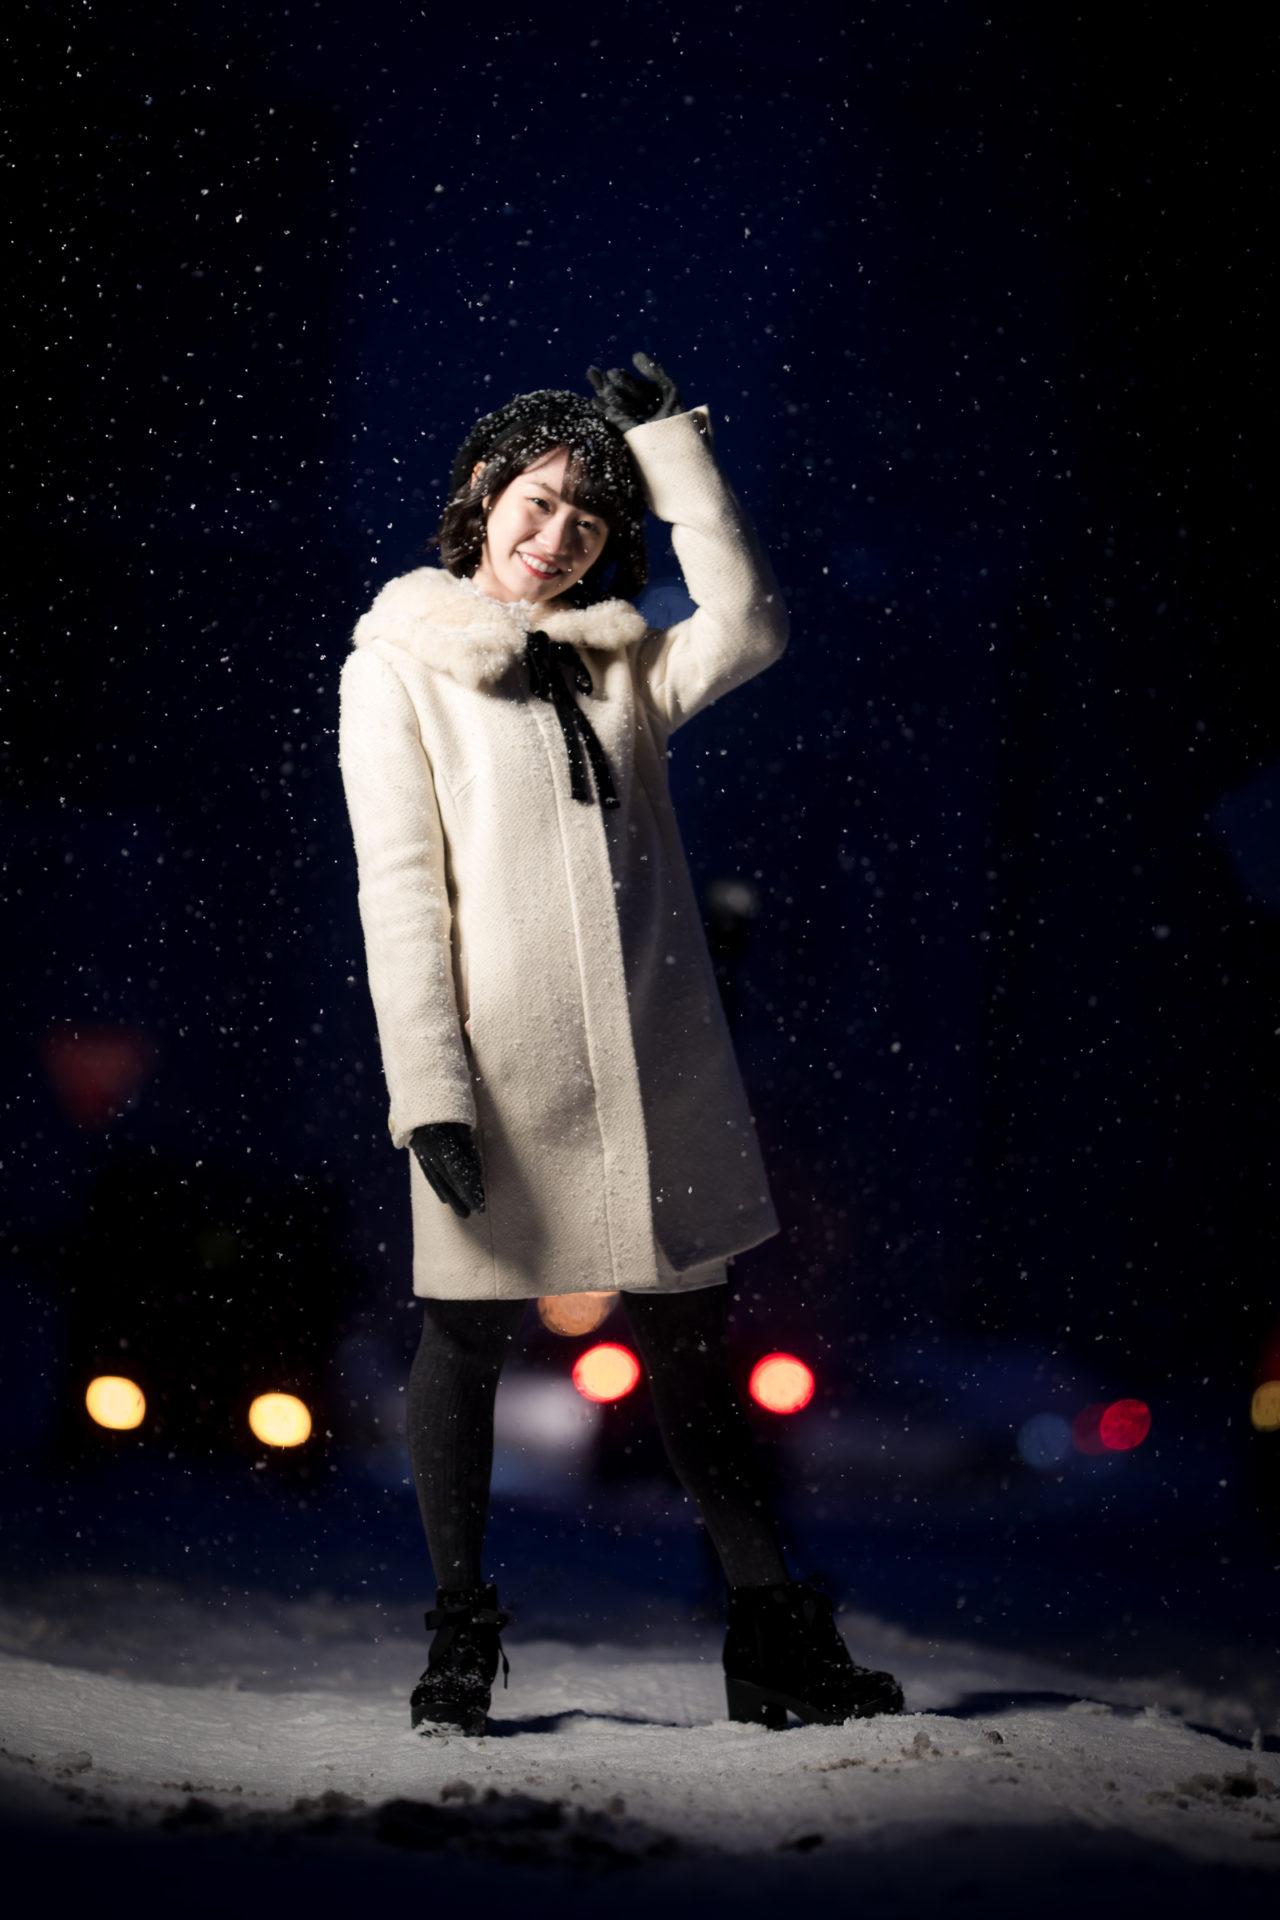 2代目HAPPY少女♪ みっちょ ( 本田みく ) | 撮影会 in 事務所撮影スタジオ